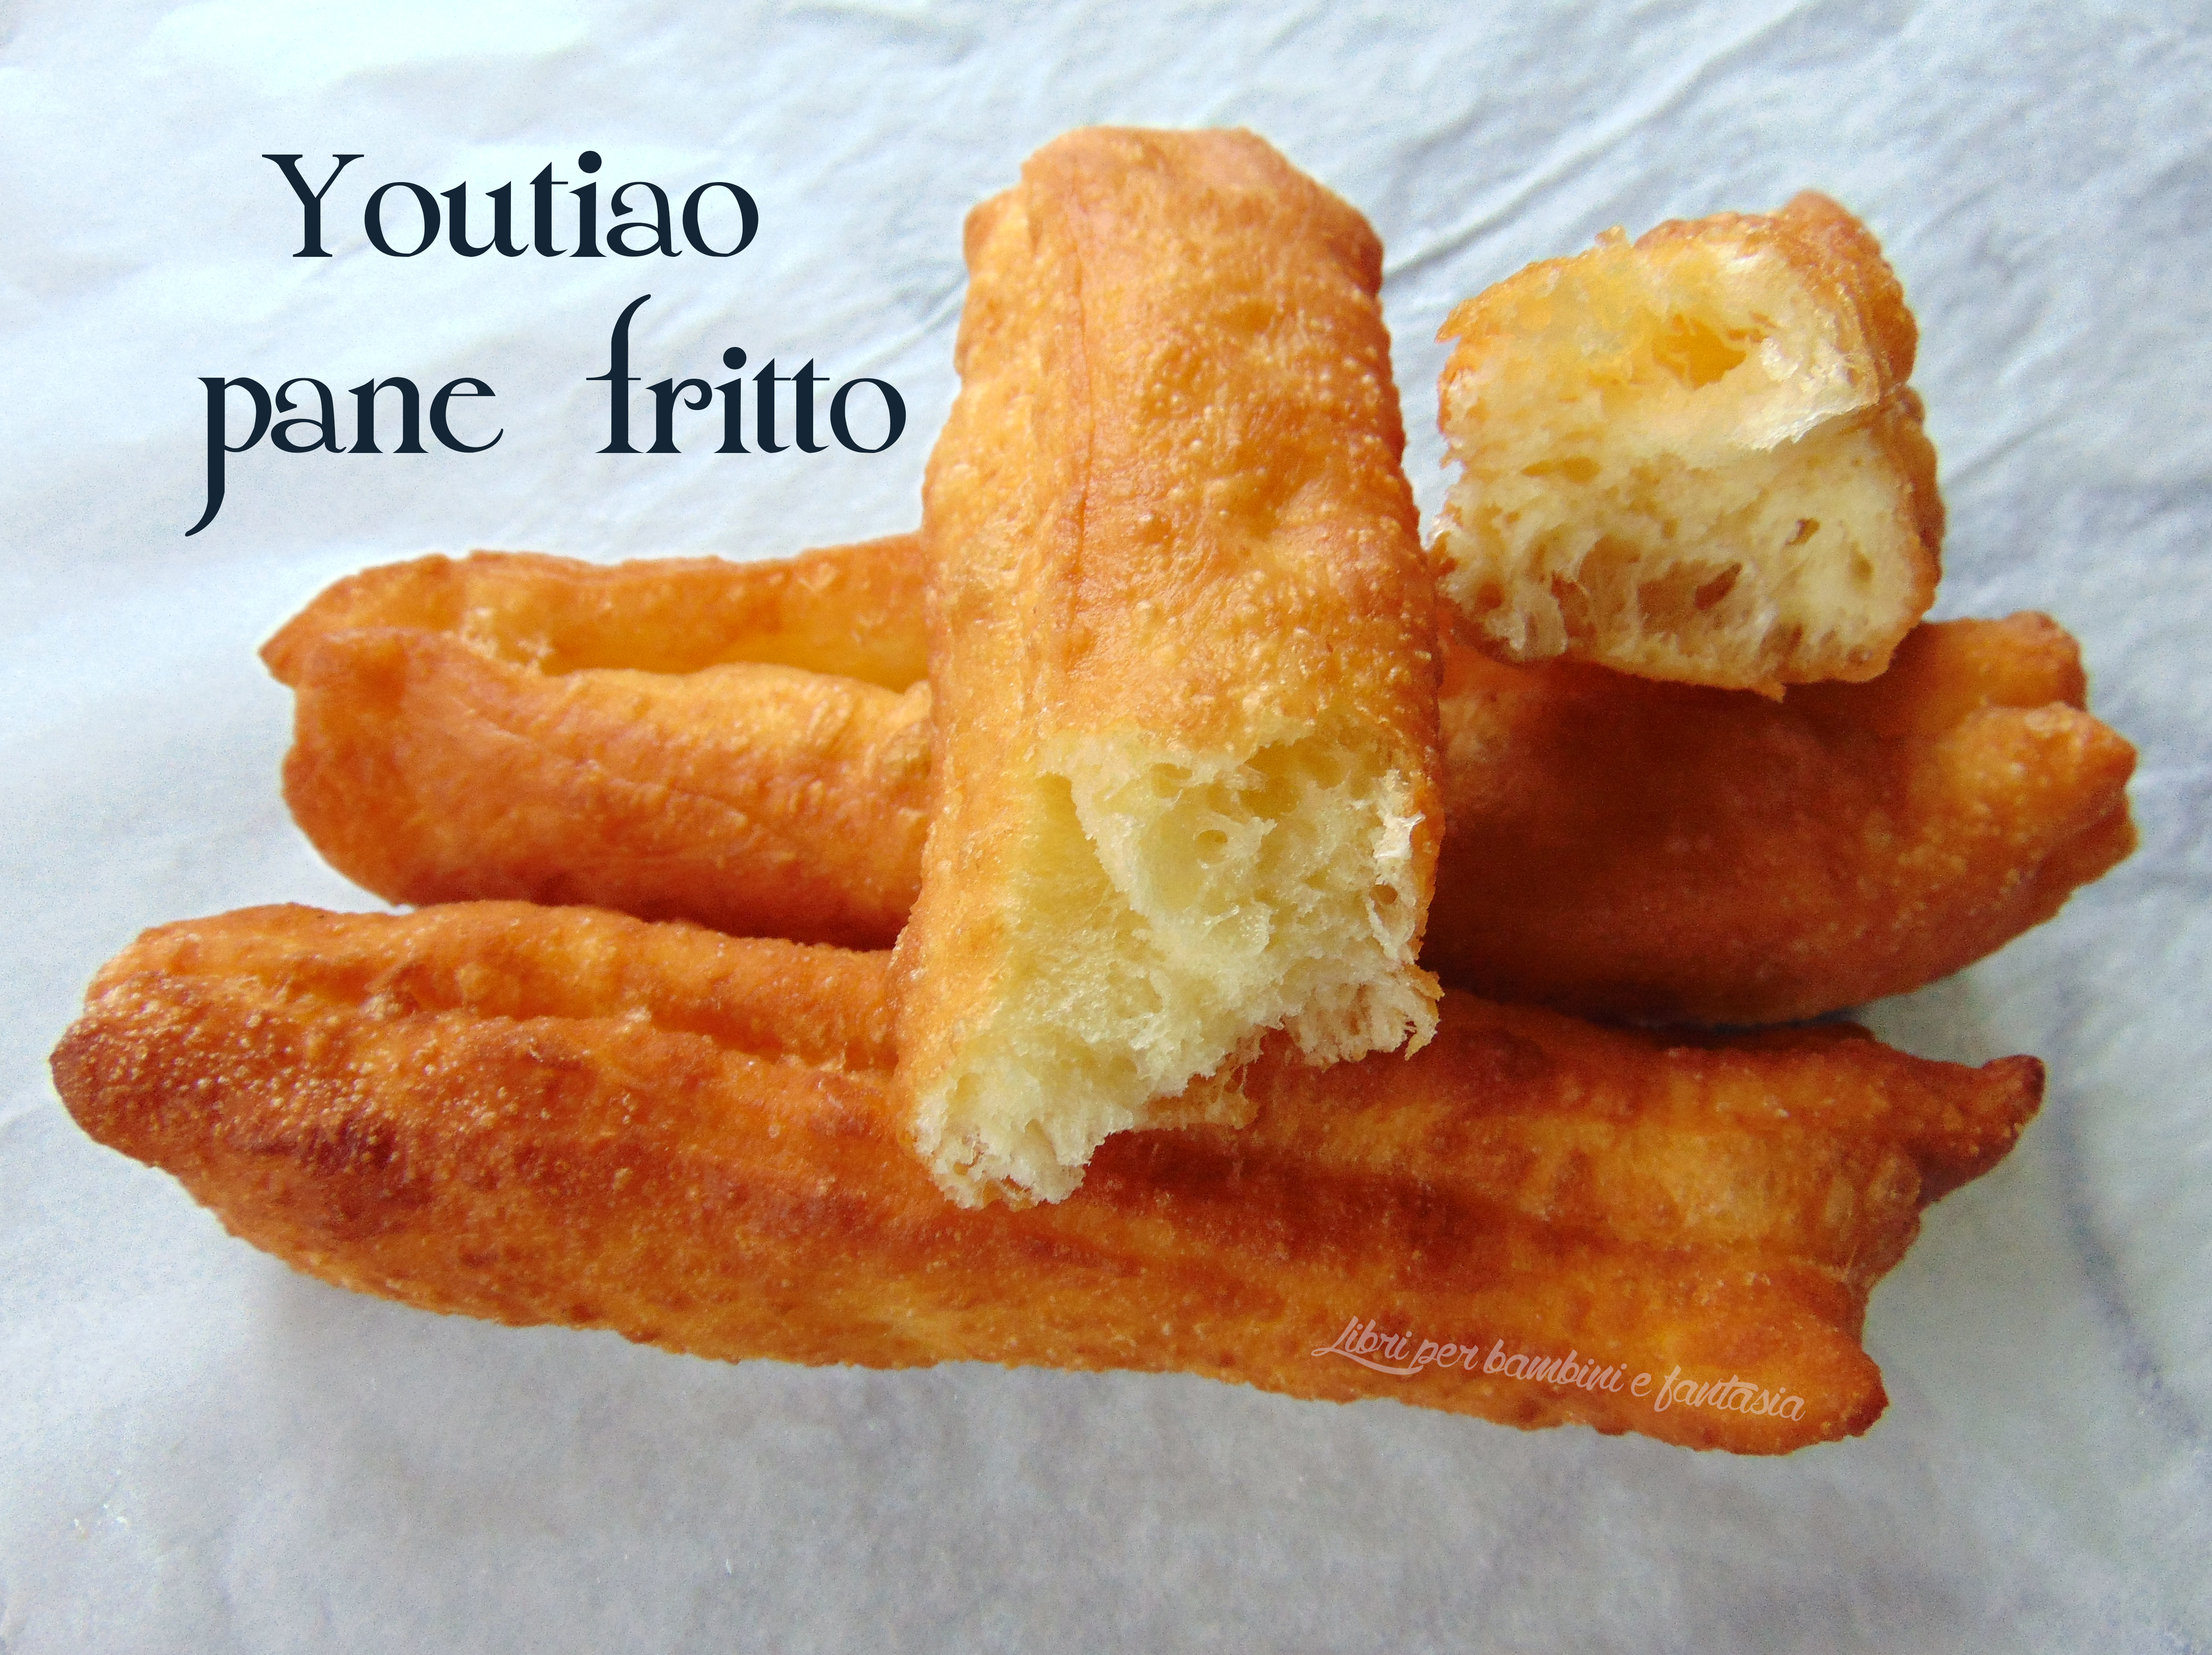 Men a due per il capodanno cinese youtiao pane fritto for Menu cinese ricette